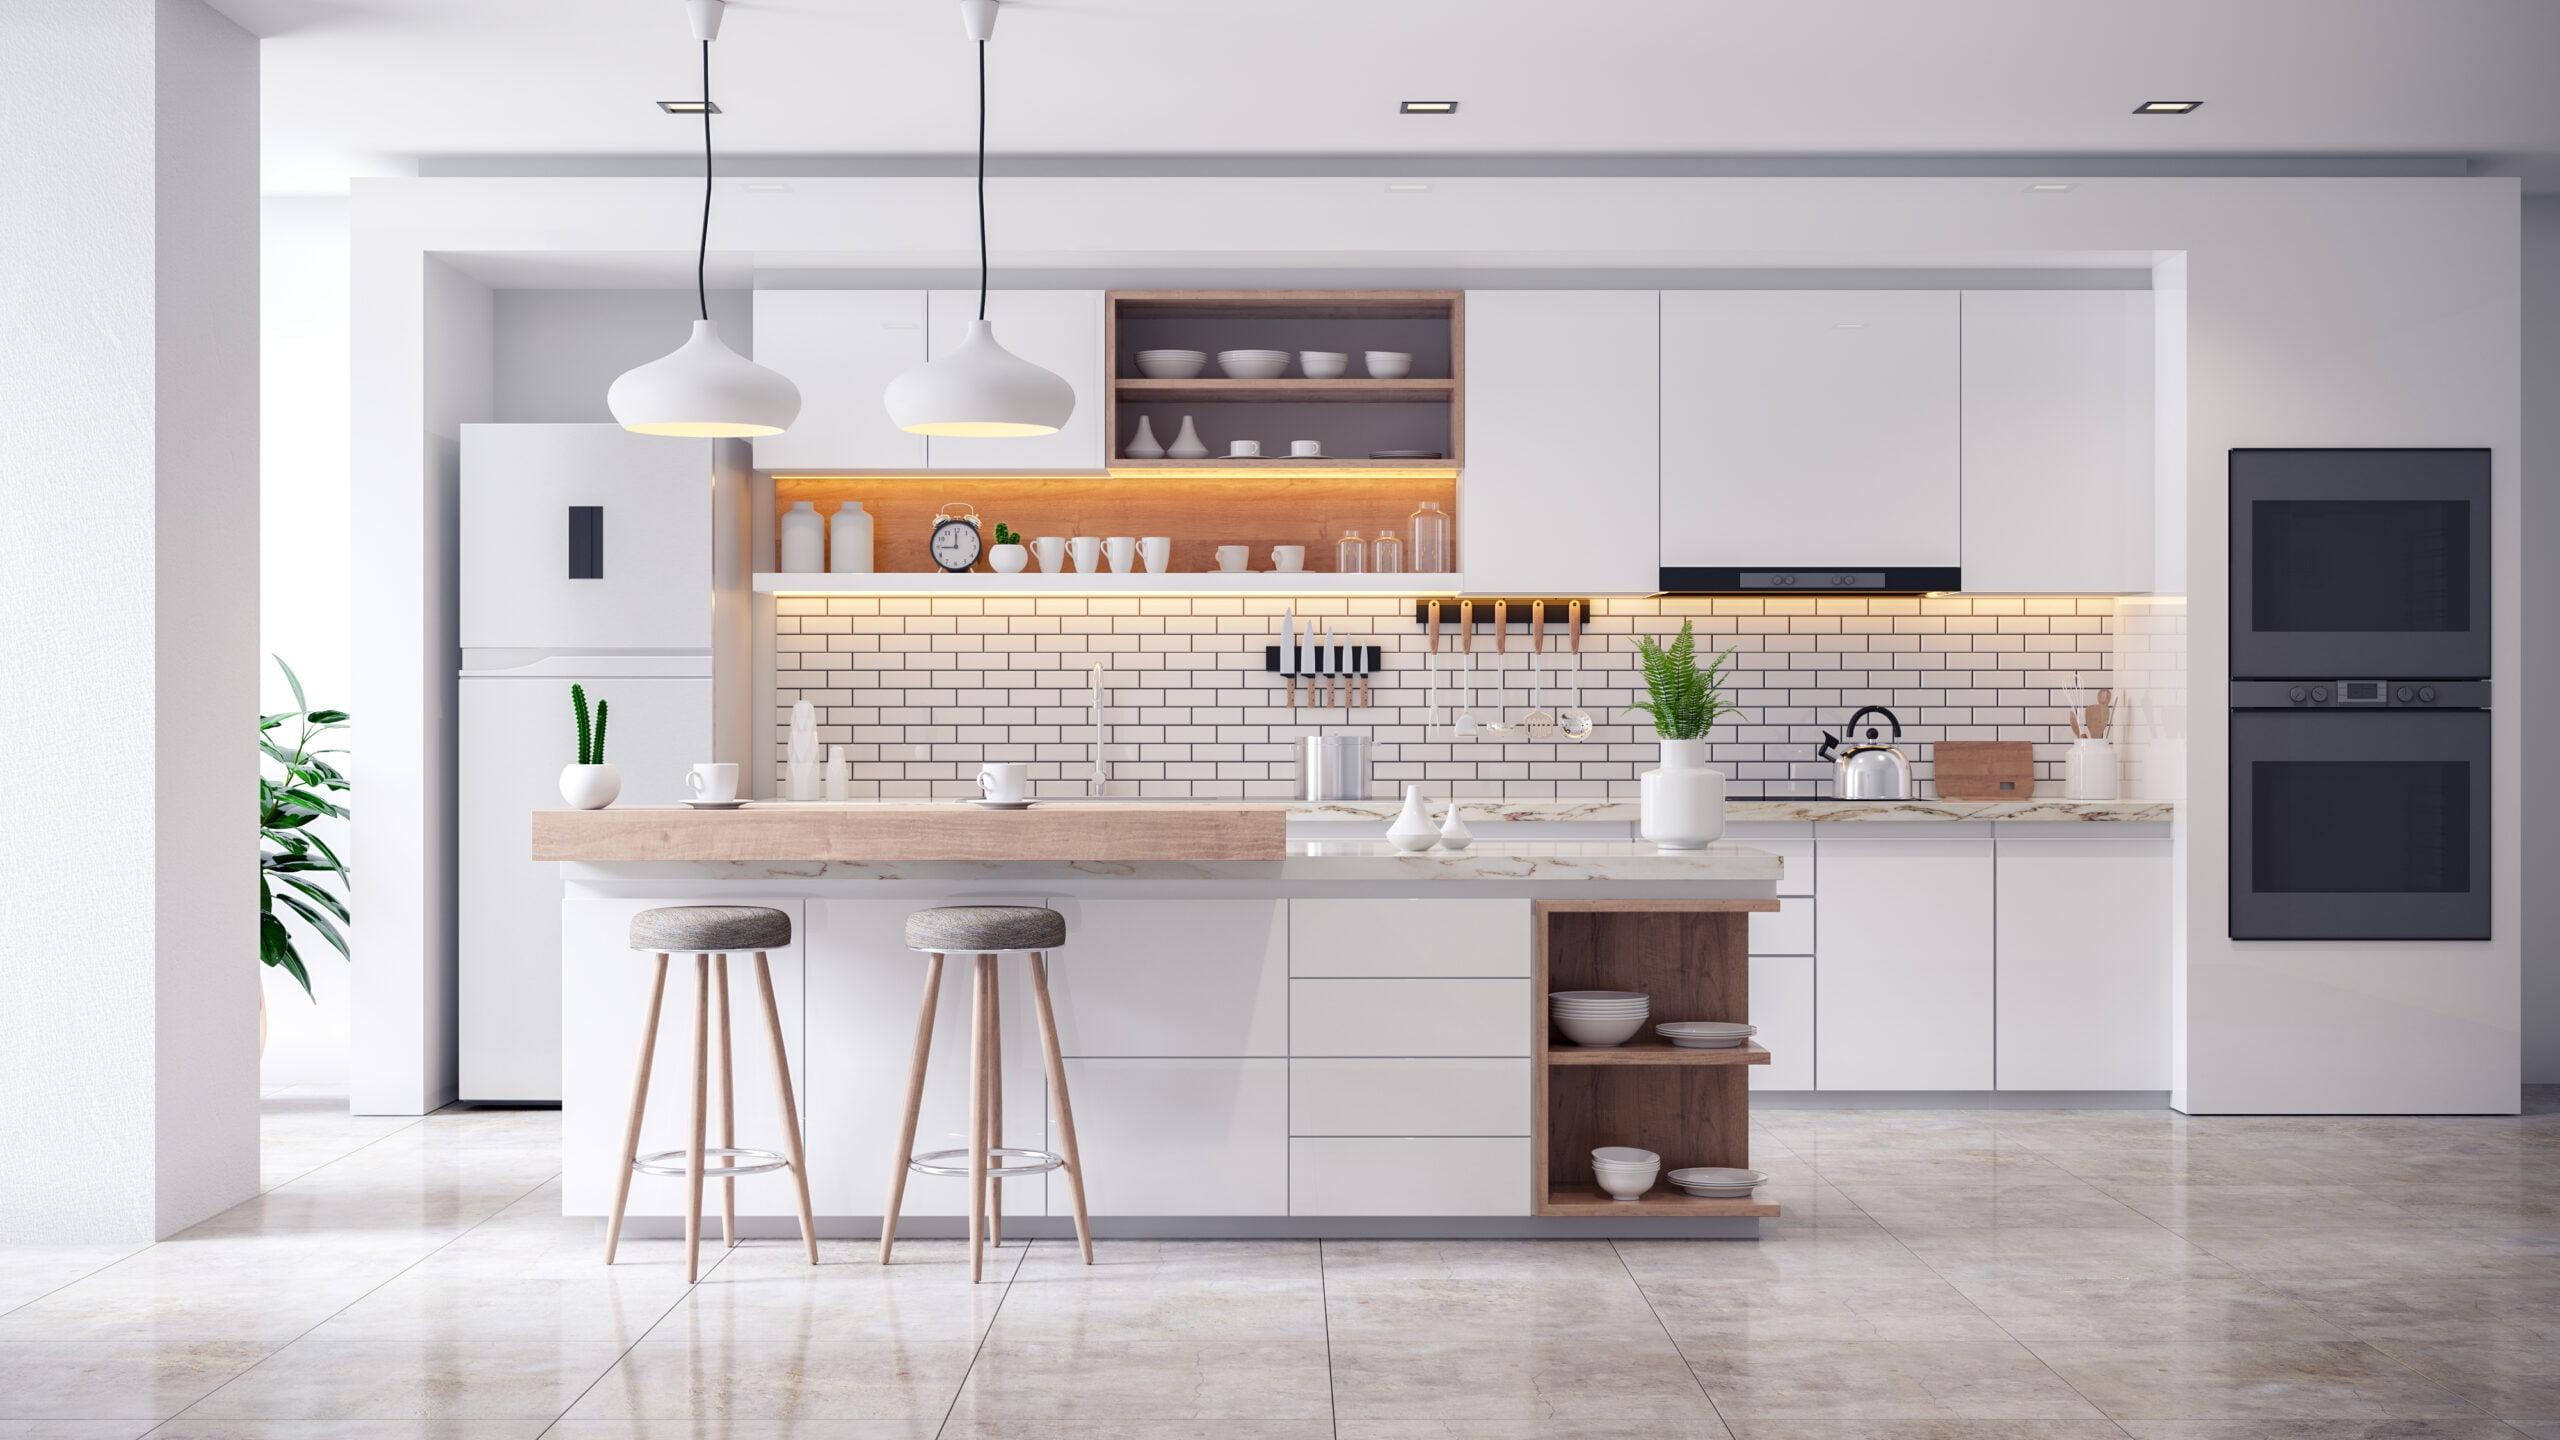 modern kitchen design with personalization